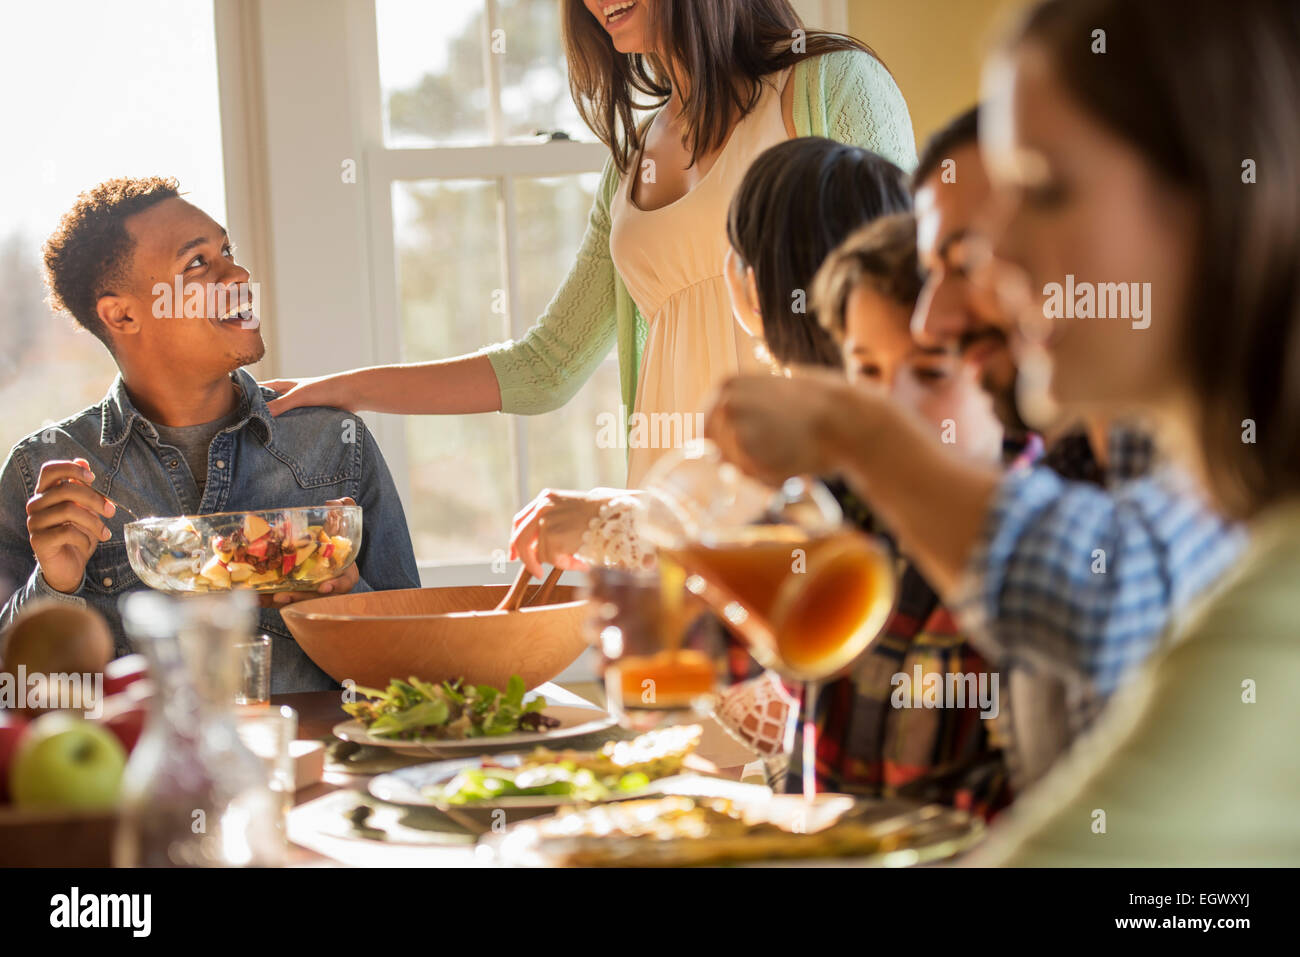 https www alamyimages fr photo image un groupe de personnes adultes et enfants assis autour d une table pour un repas 79245926 html